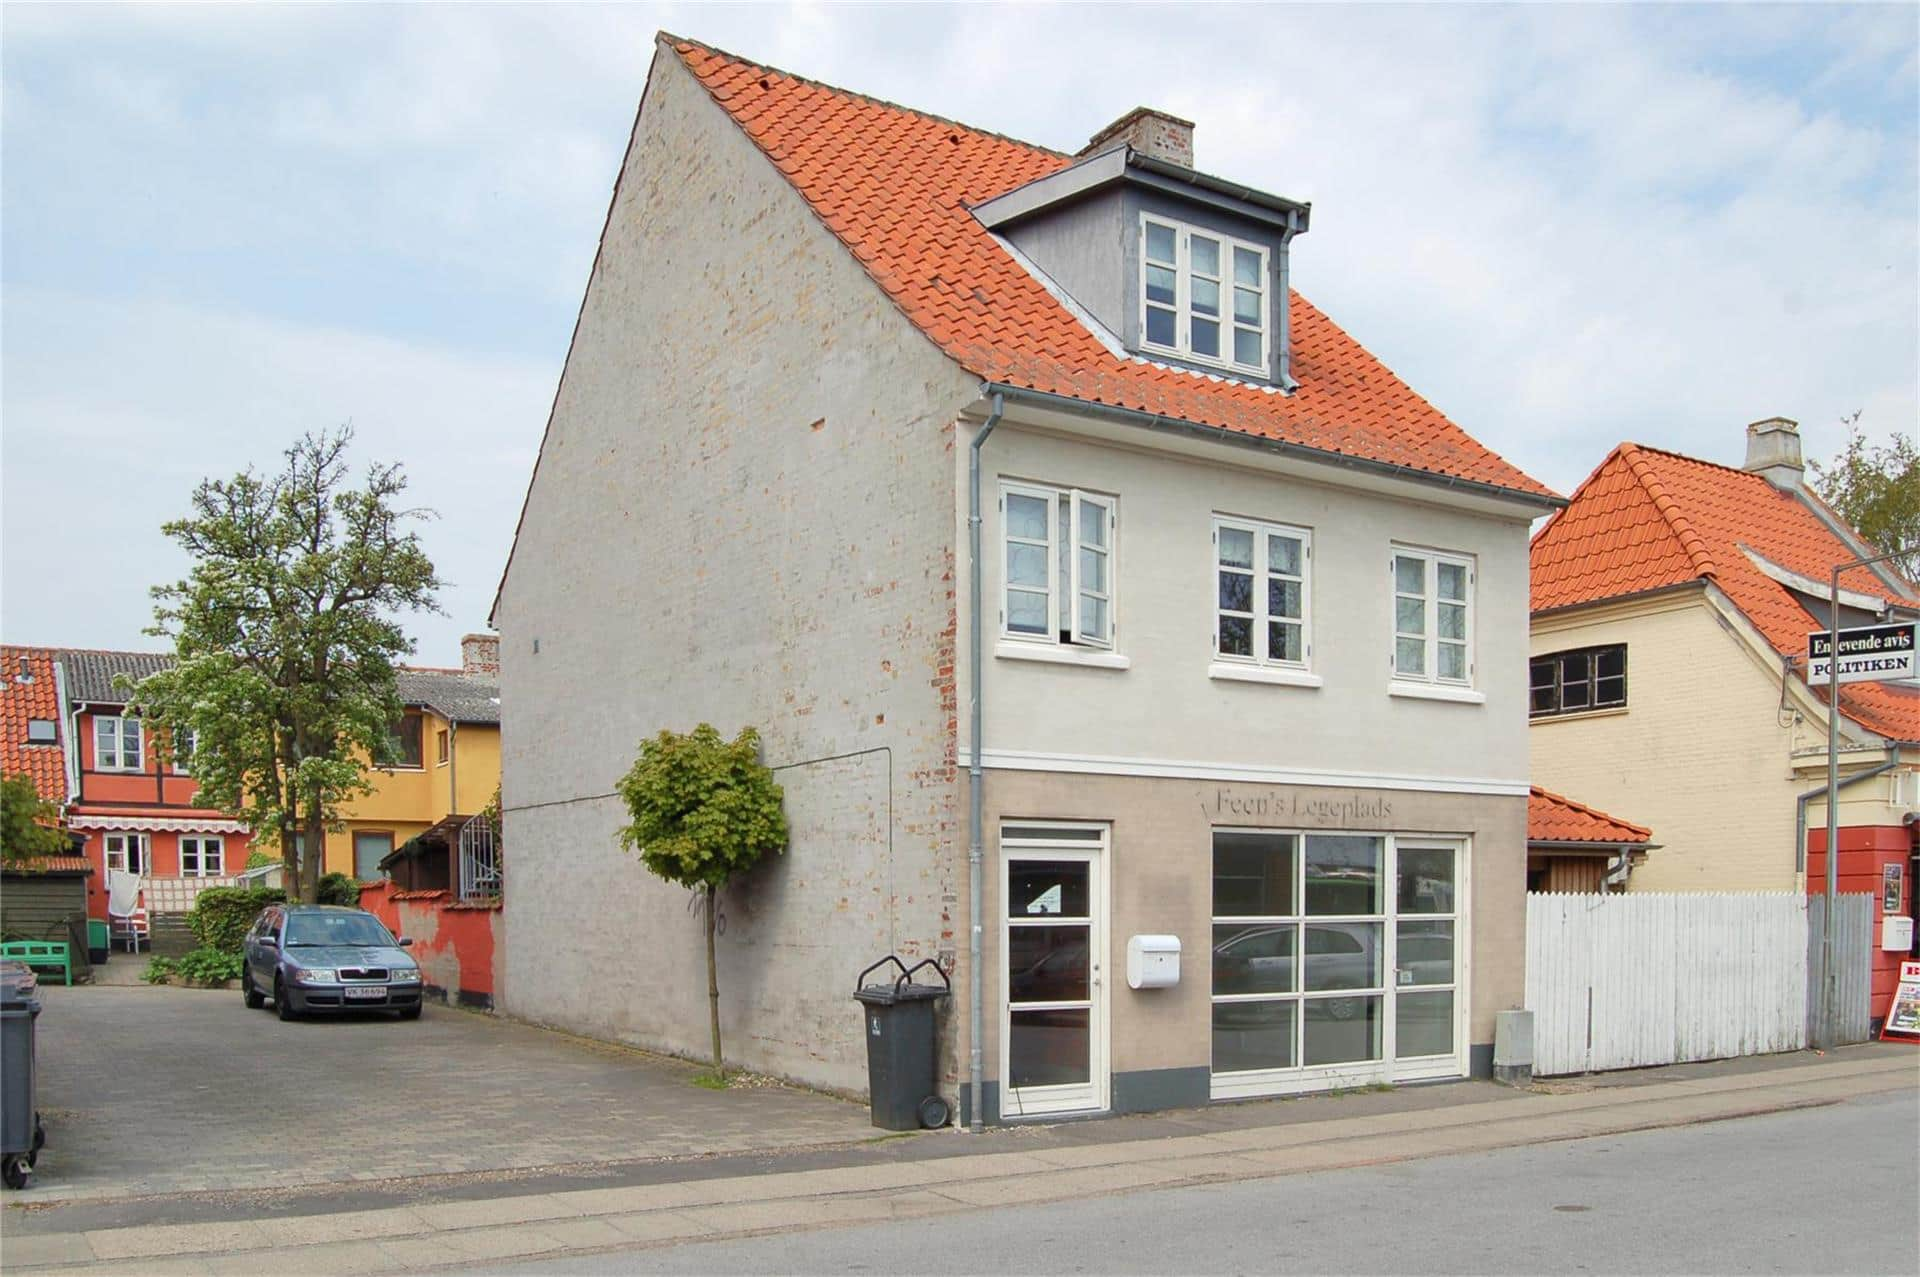 Image 1-3 Holiday-home M66745, Strandvejen 29, DK - 5300 Kerteminde